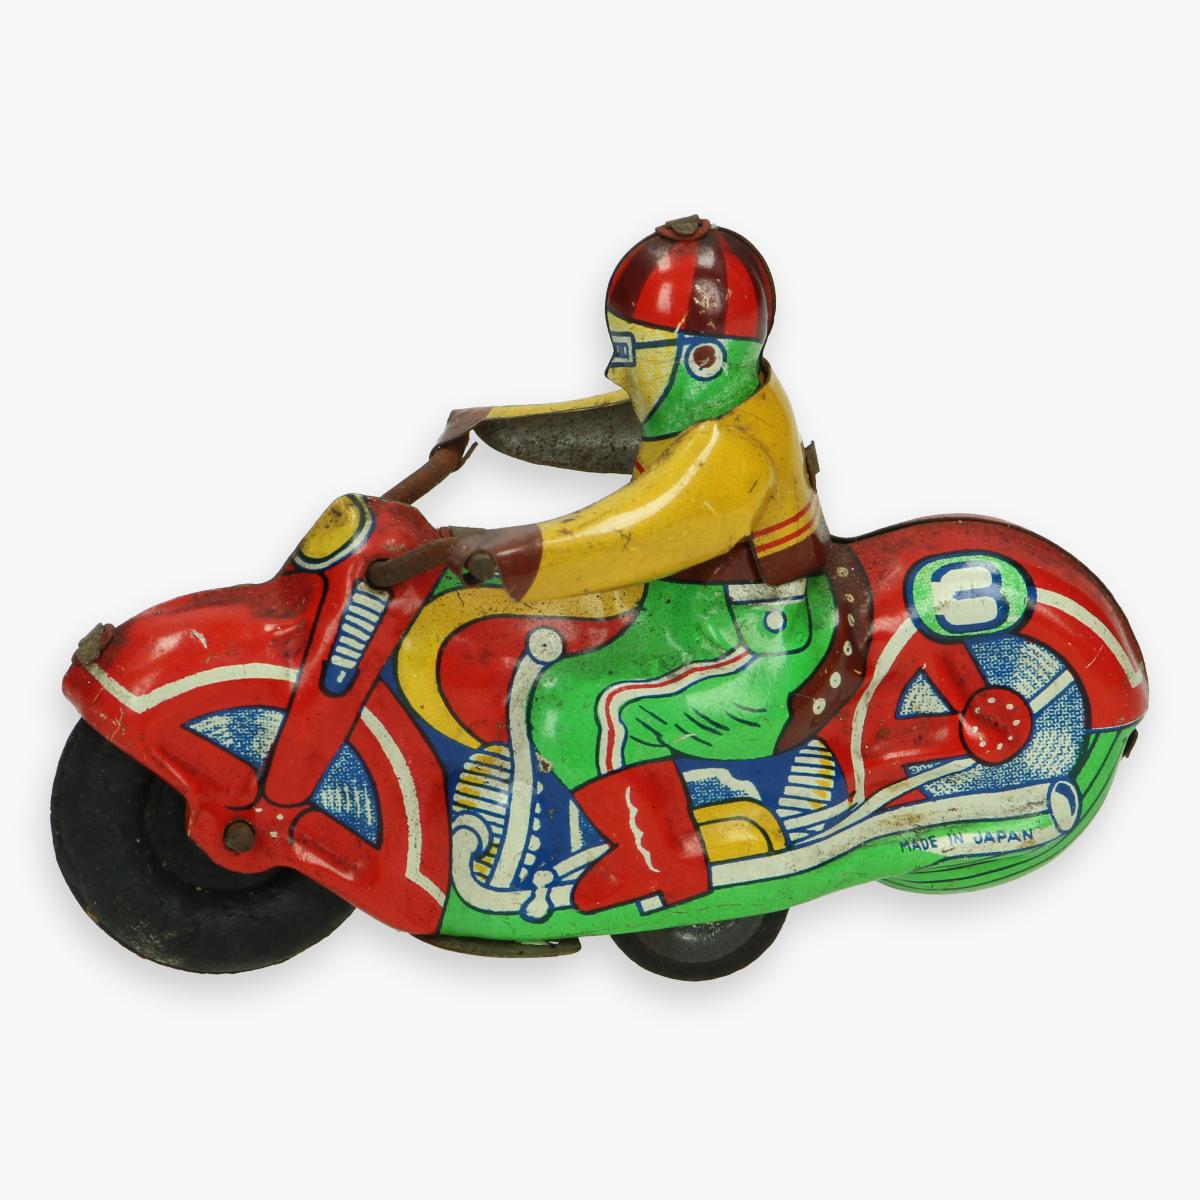 Afbeeldingen van tin toy motorcycle made japan alps trad mark